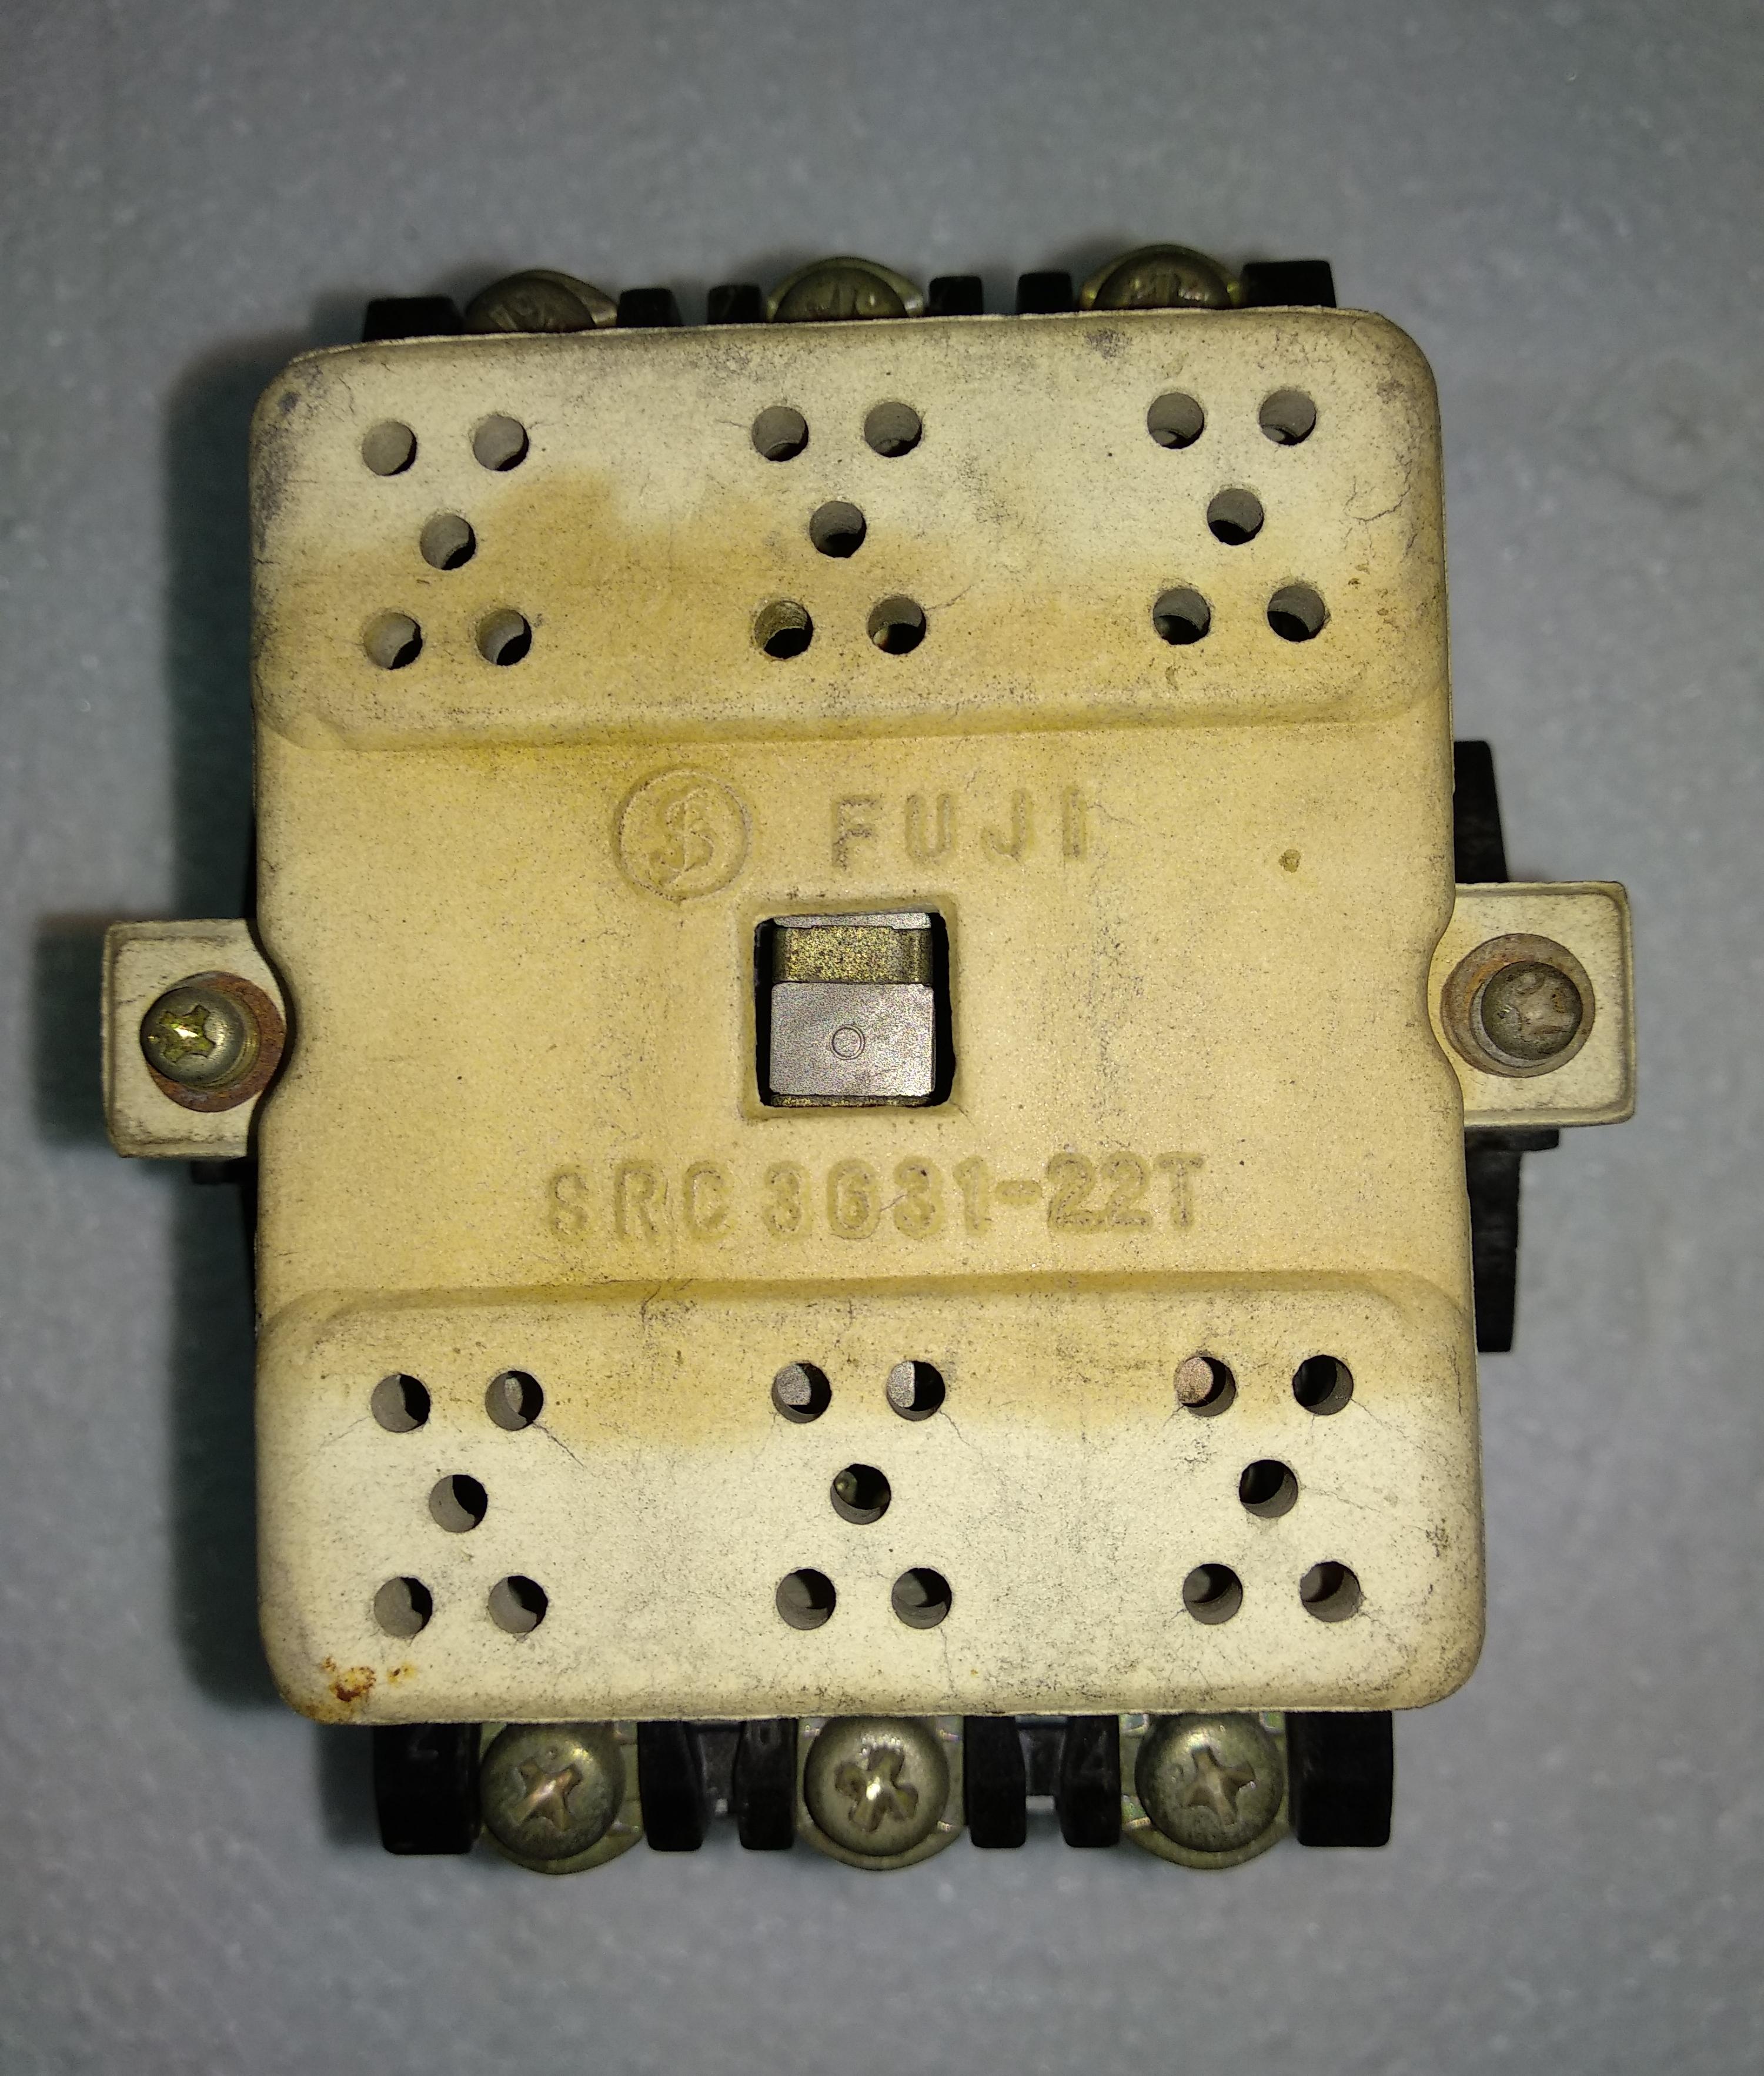 Fuji Contactor